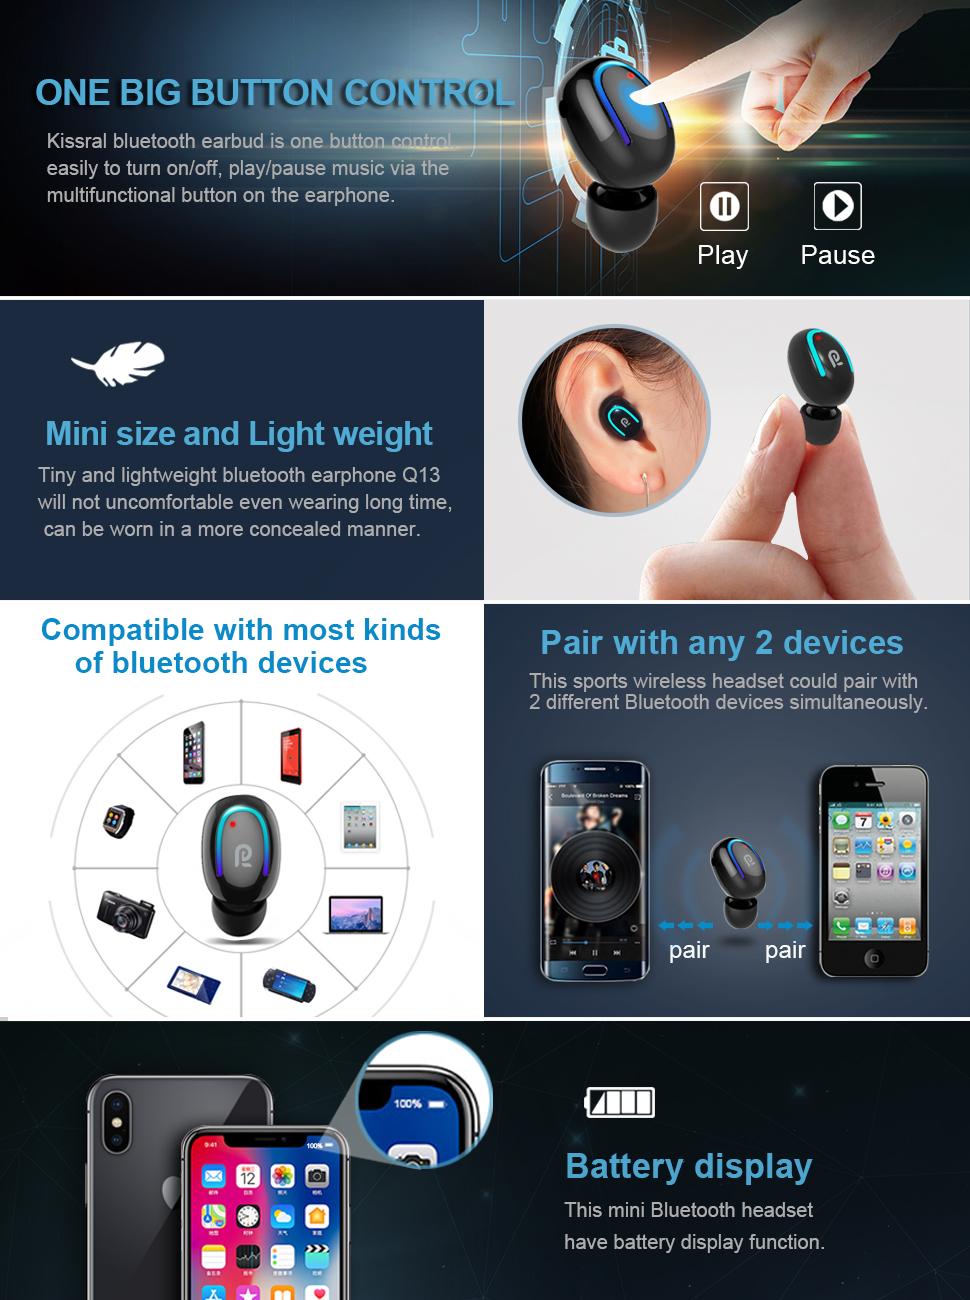 Bluetooth Kopfh/örer,In-Ear Kabellose Kopfh/örer,Bluetooth Headset,Sport-3D-Stereo-Kopfh/örer,mit 24H Ladek/ästchen und Integriertem Mikrofon Auto-Pairing f/ür Samsung//Huawei//iPhone//Airpod//Android